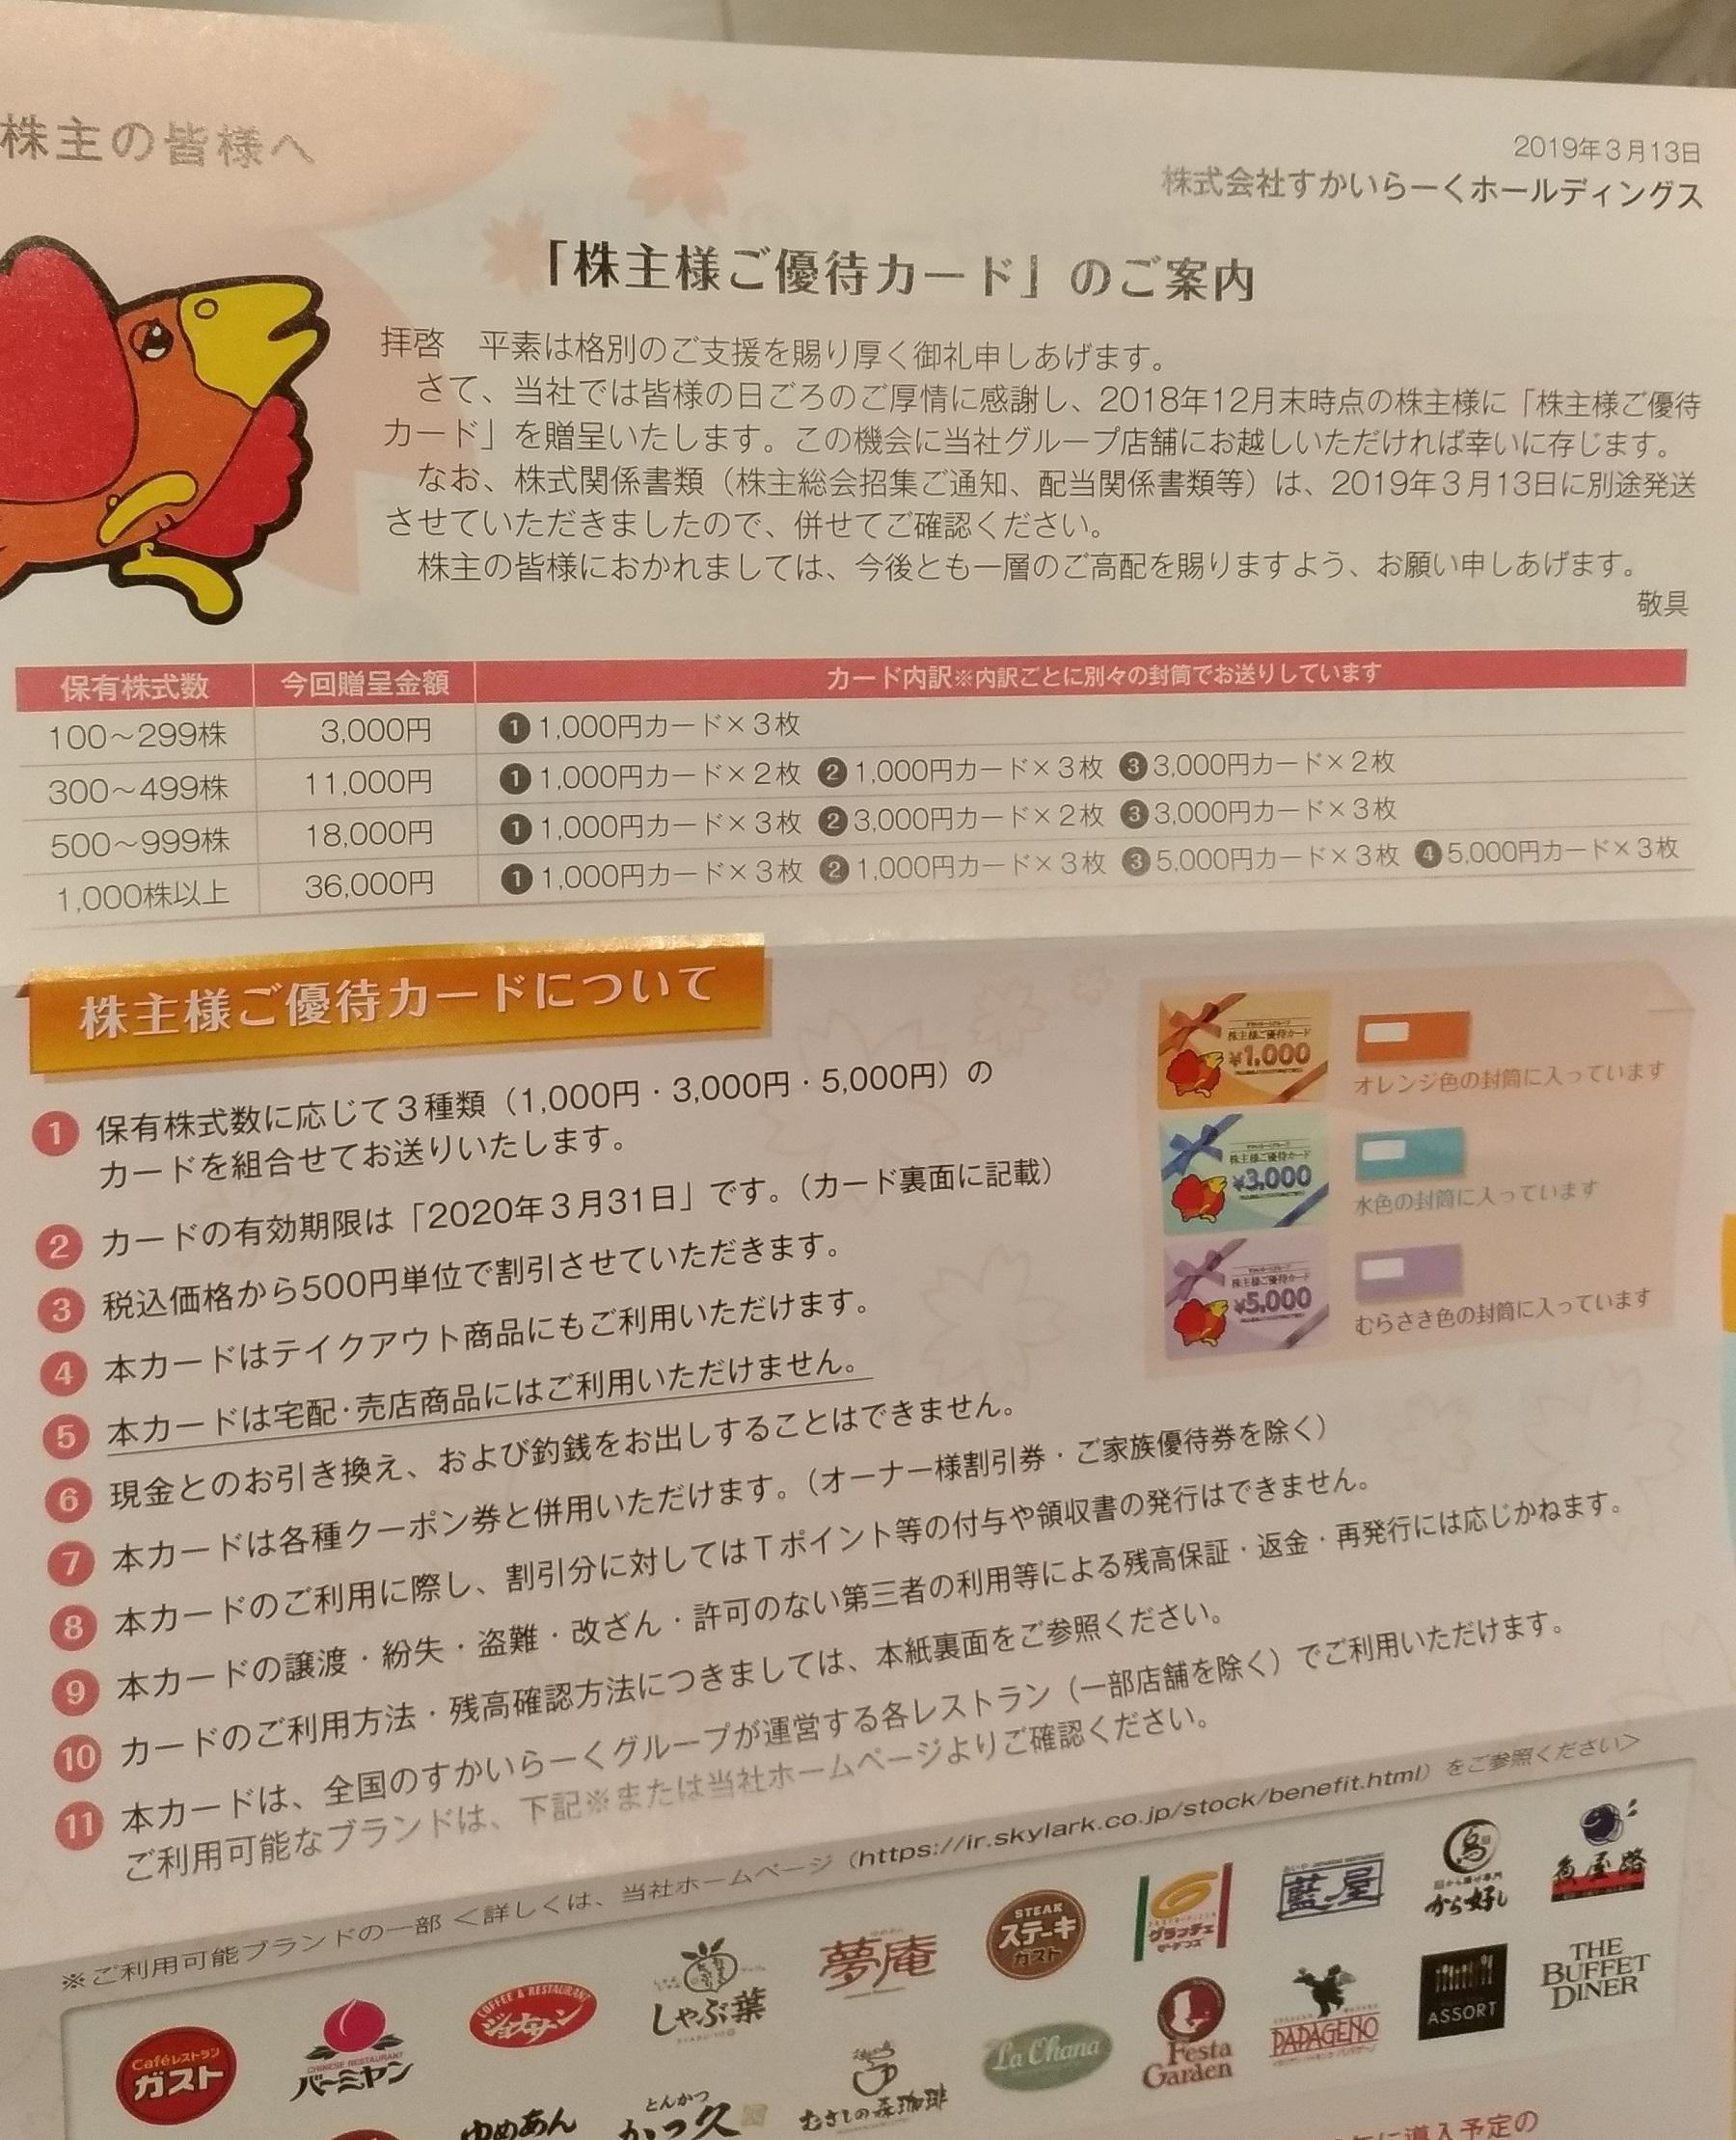 sukairaku_yutai_201903.jpg